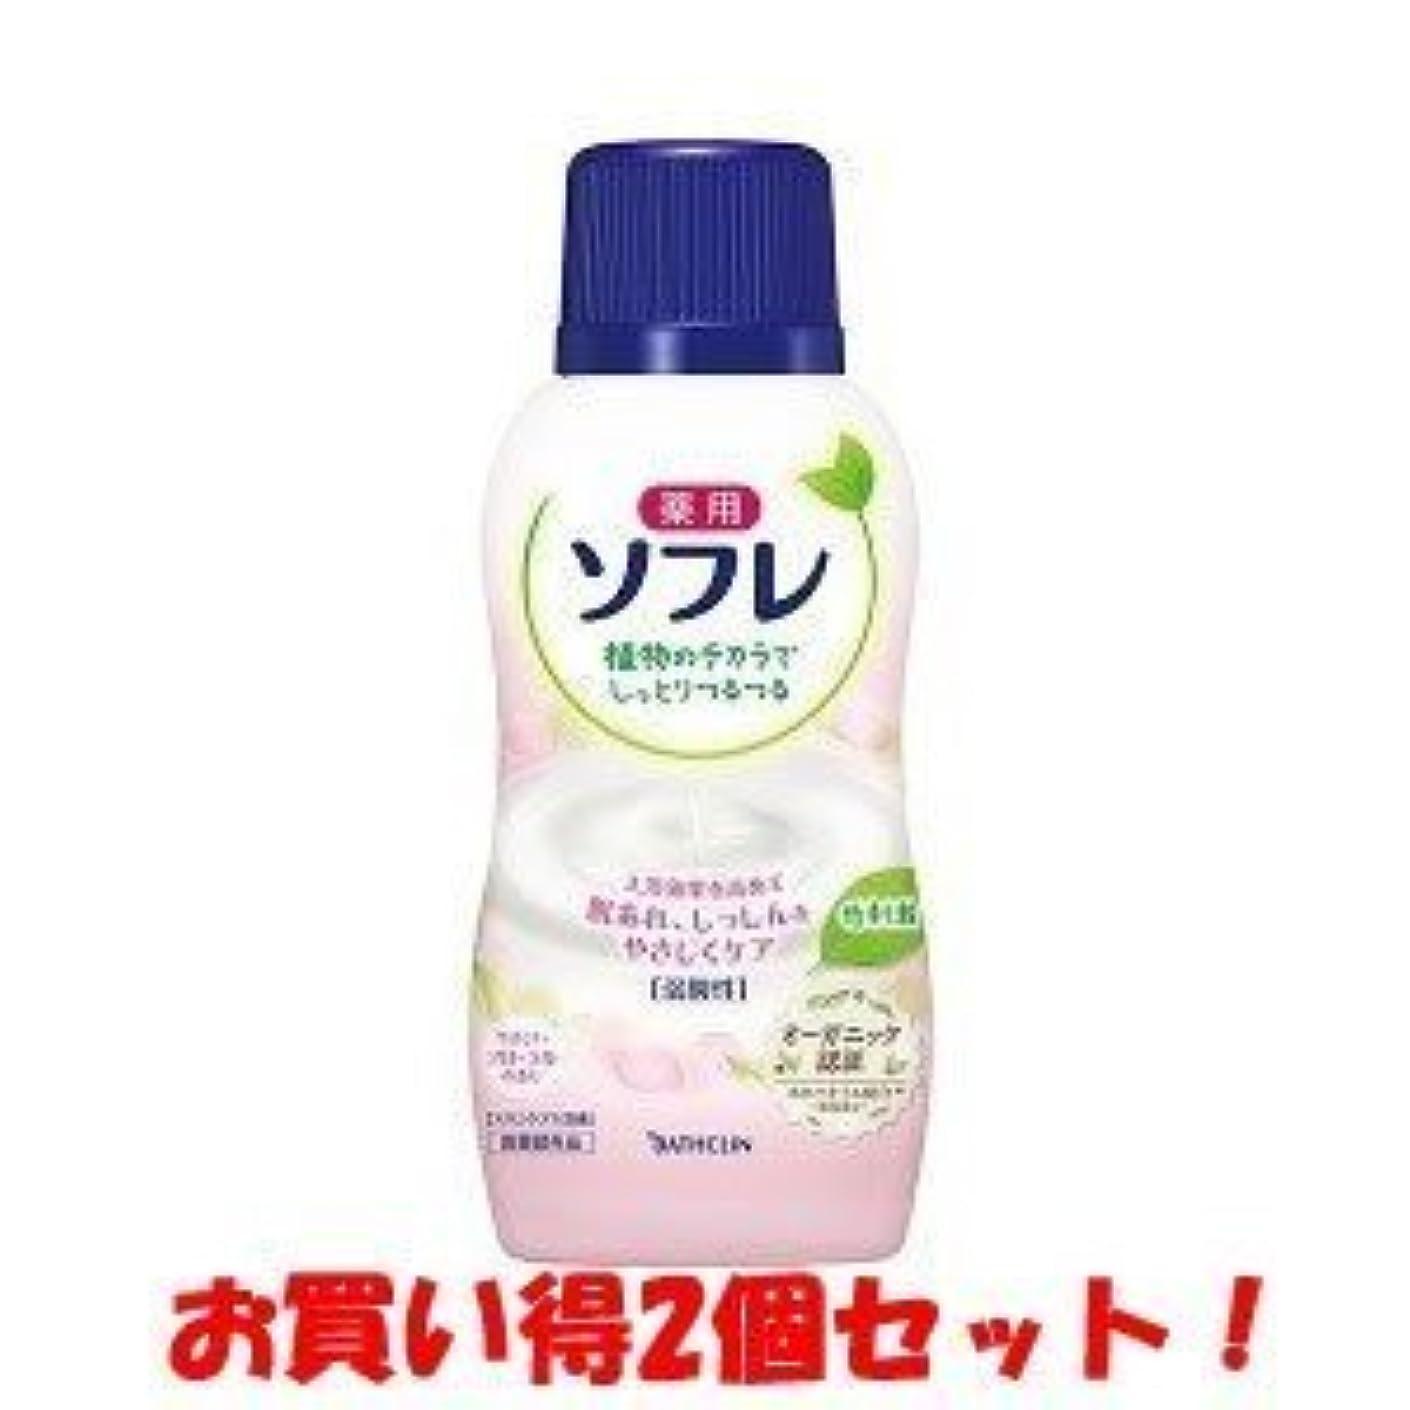 インク組み合わせヘア(バスクリン)薬用ソフレ スキンケア入浴液 やさしいフローラル香り 720ml(医薬部外品)(お買い得2個セット)